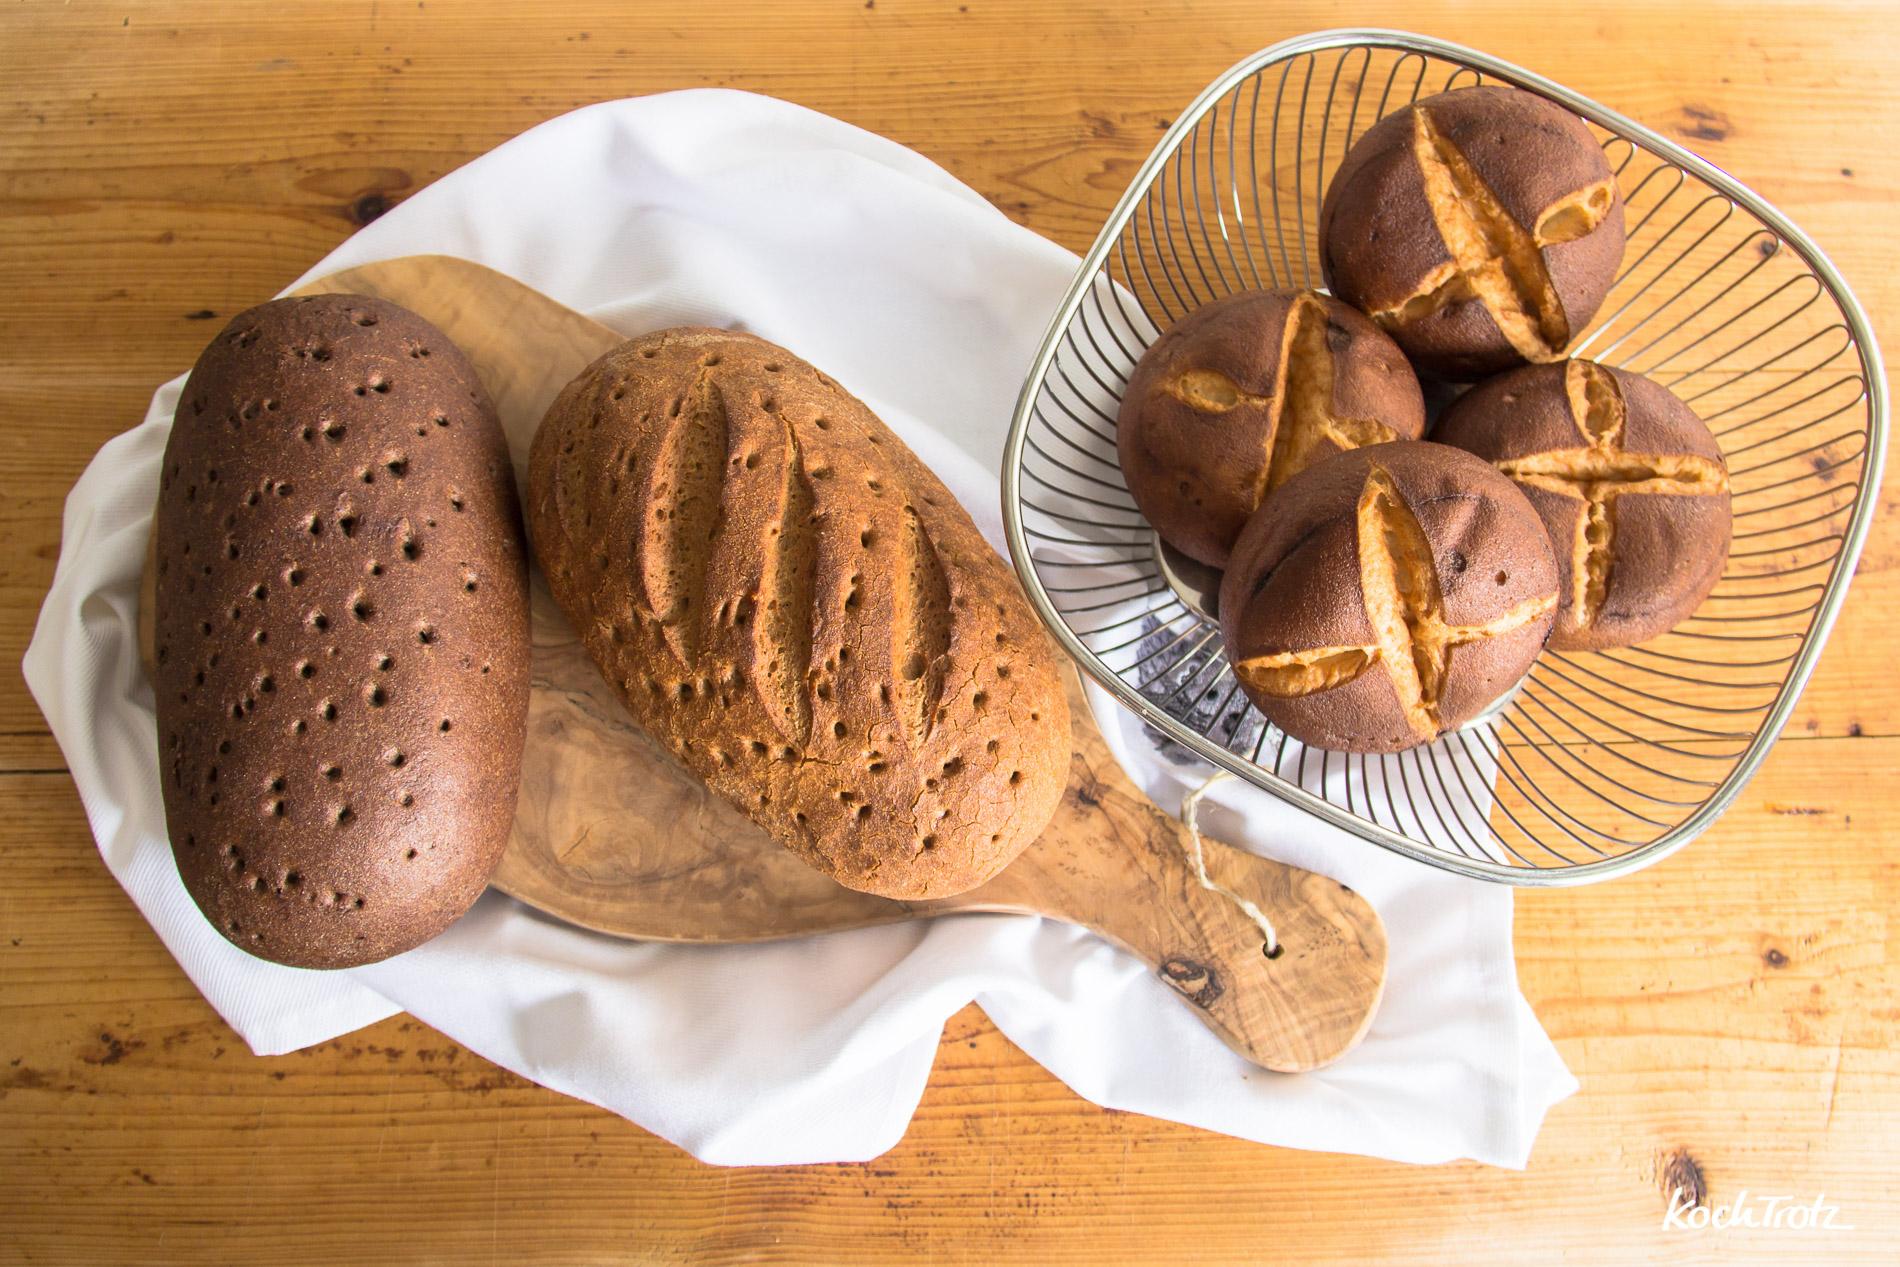 Ich habe Backwaren getestet: Glutenfrei von Böcker | Gewinnspiel